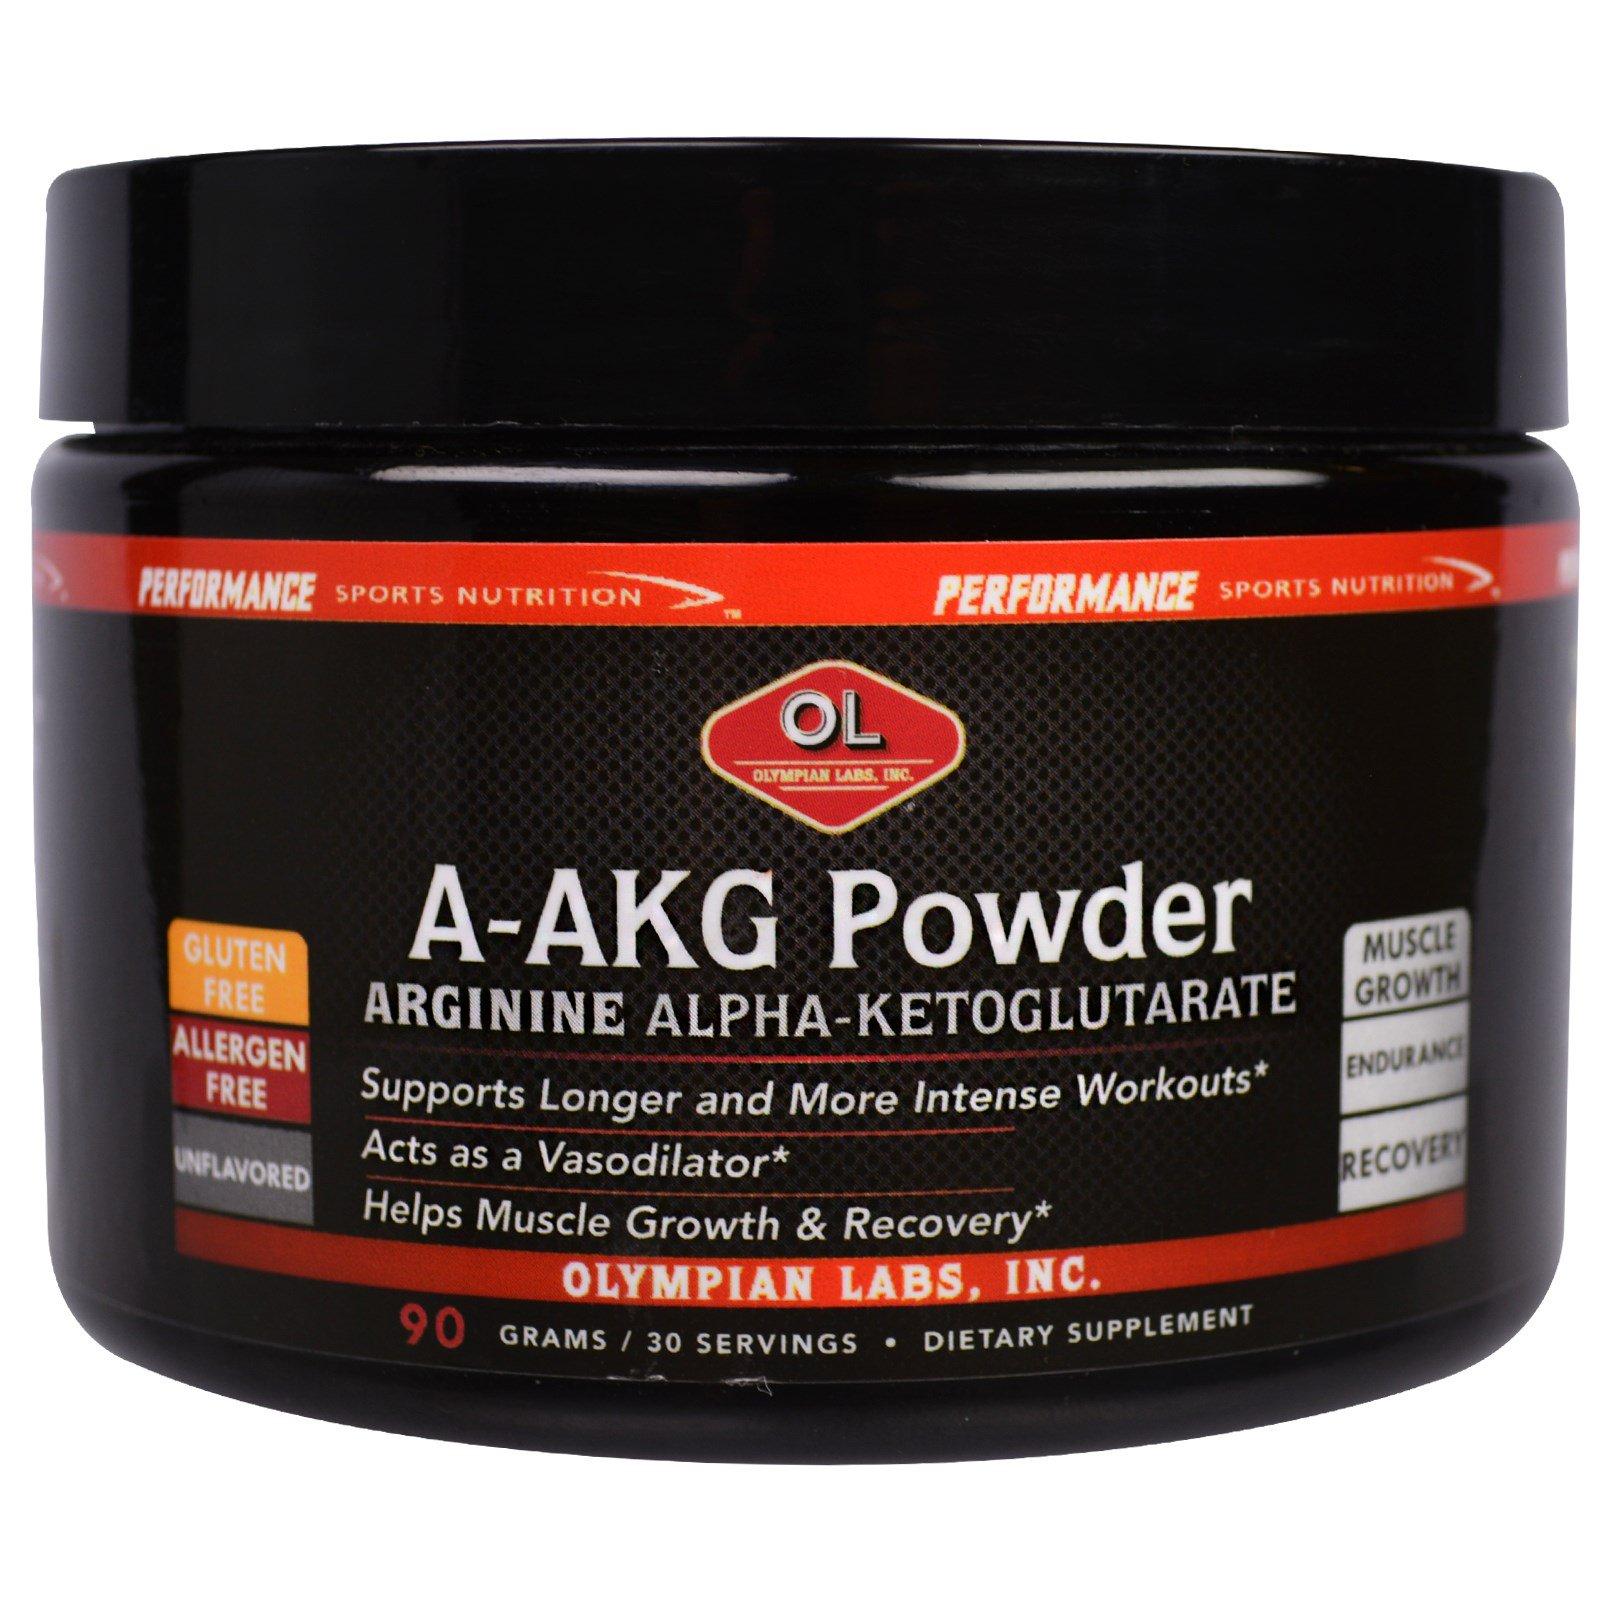 Olympian Labs Inc A Akg Powder Arginine Alpha Ketoglutarate Pre